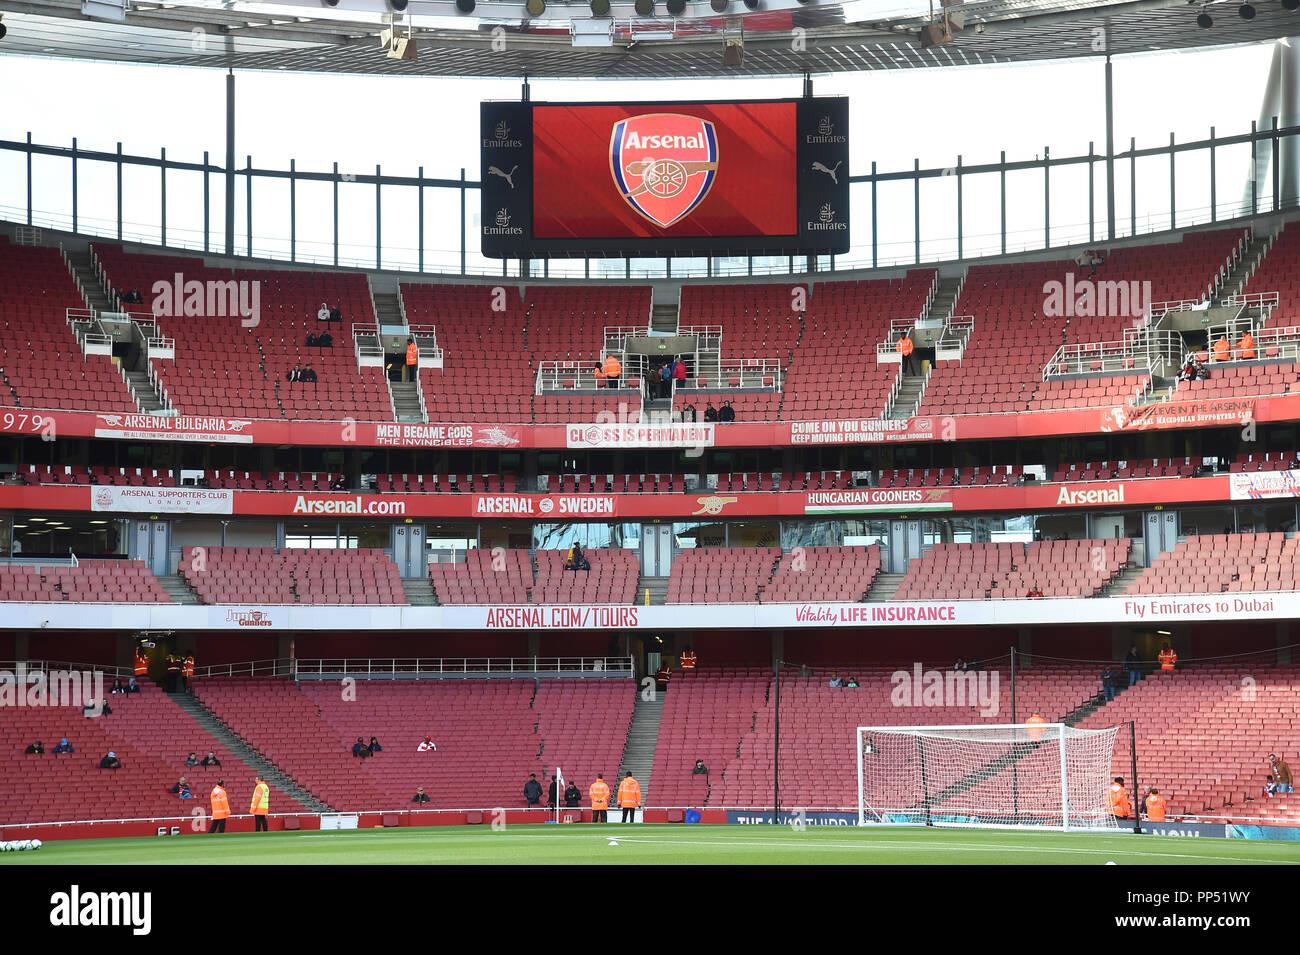 London, Großbritannien. 23. September 2018. Allgemeine Ansicht von Premier League Spiel zwischen Arsenal und Everton im Emirates Stadium am 23. September 2018 in London, England. (Foto von Zed Jameson/phcimages.com) Credit: PHC Images/Alamy leben Nachrichten Stockfoto